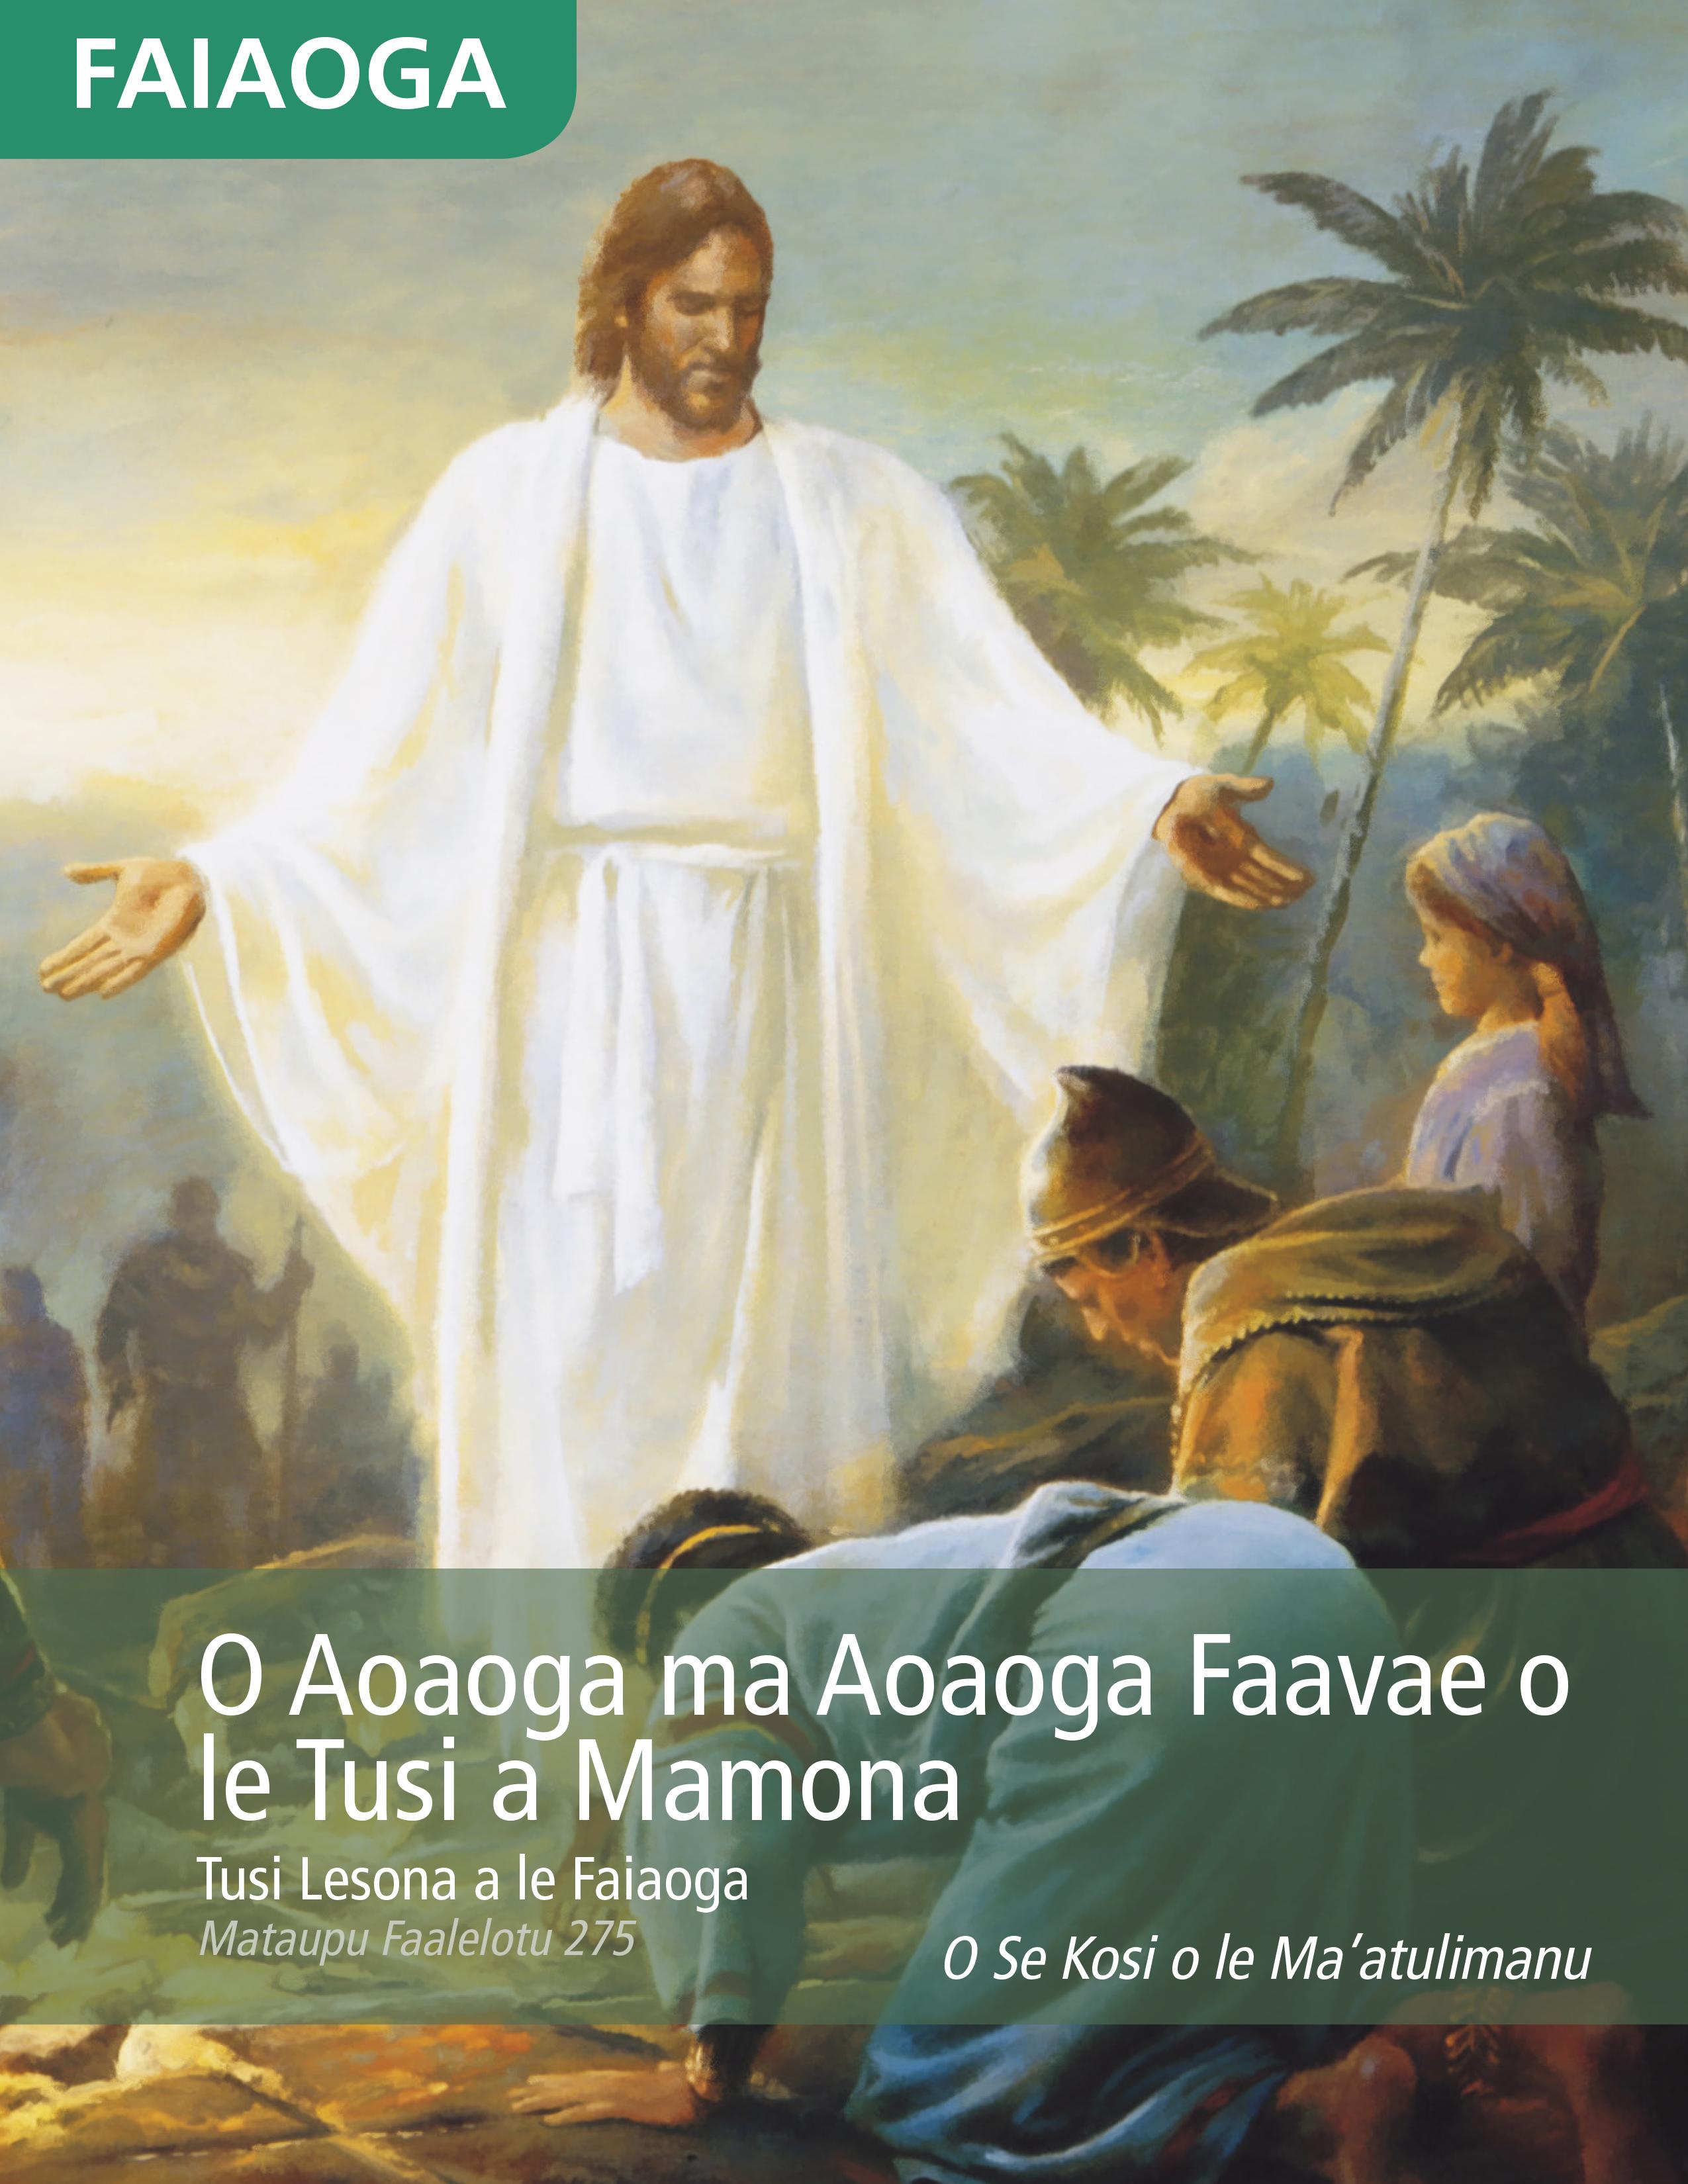 O Aoaoga ma Aoaoga Faavae o le Tusi a Mamona Tusi Lesona a le Faiaoga (Mataupu Faalelotu 275)